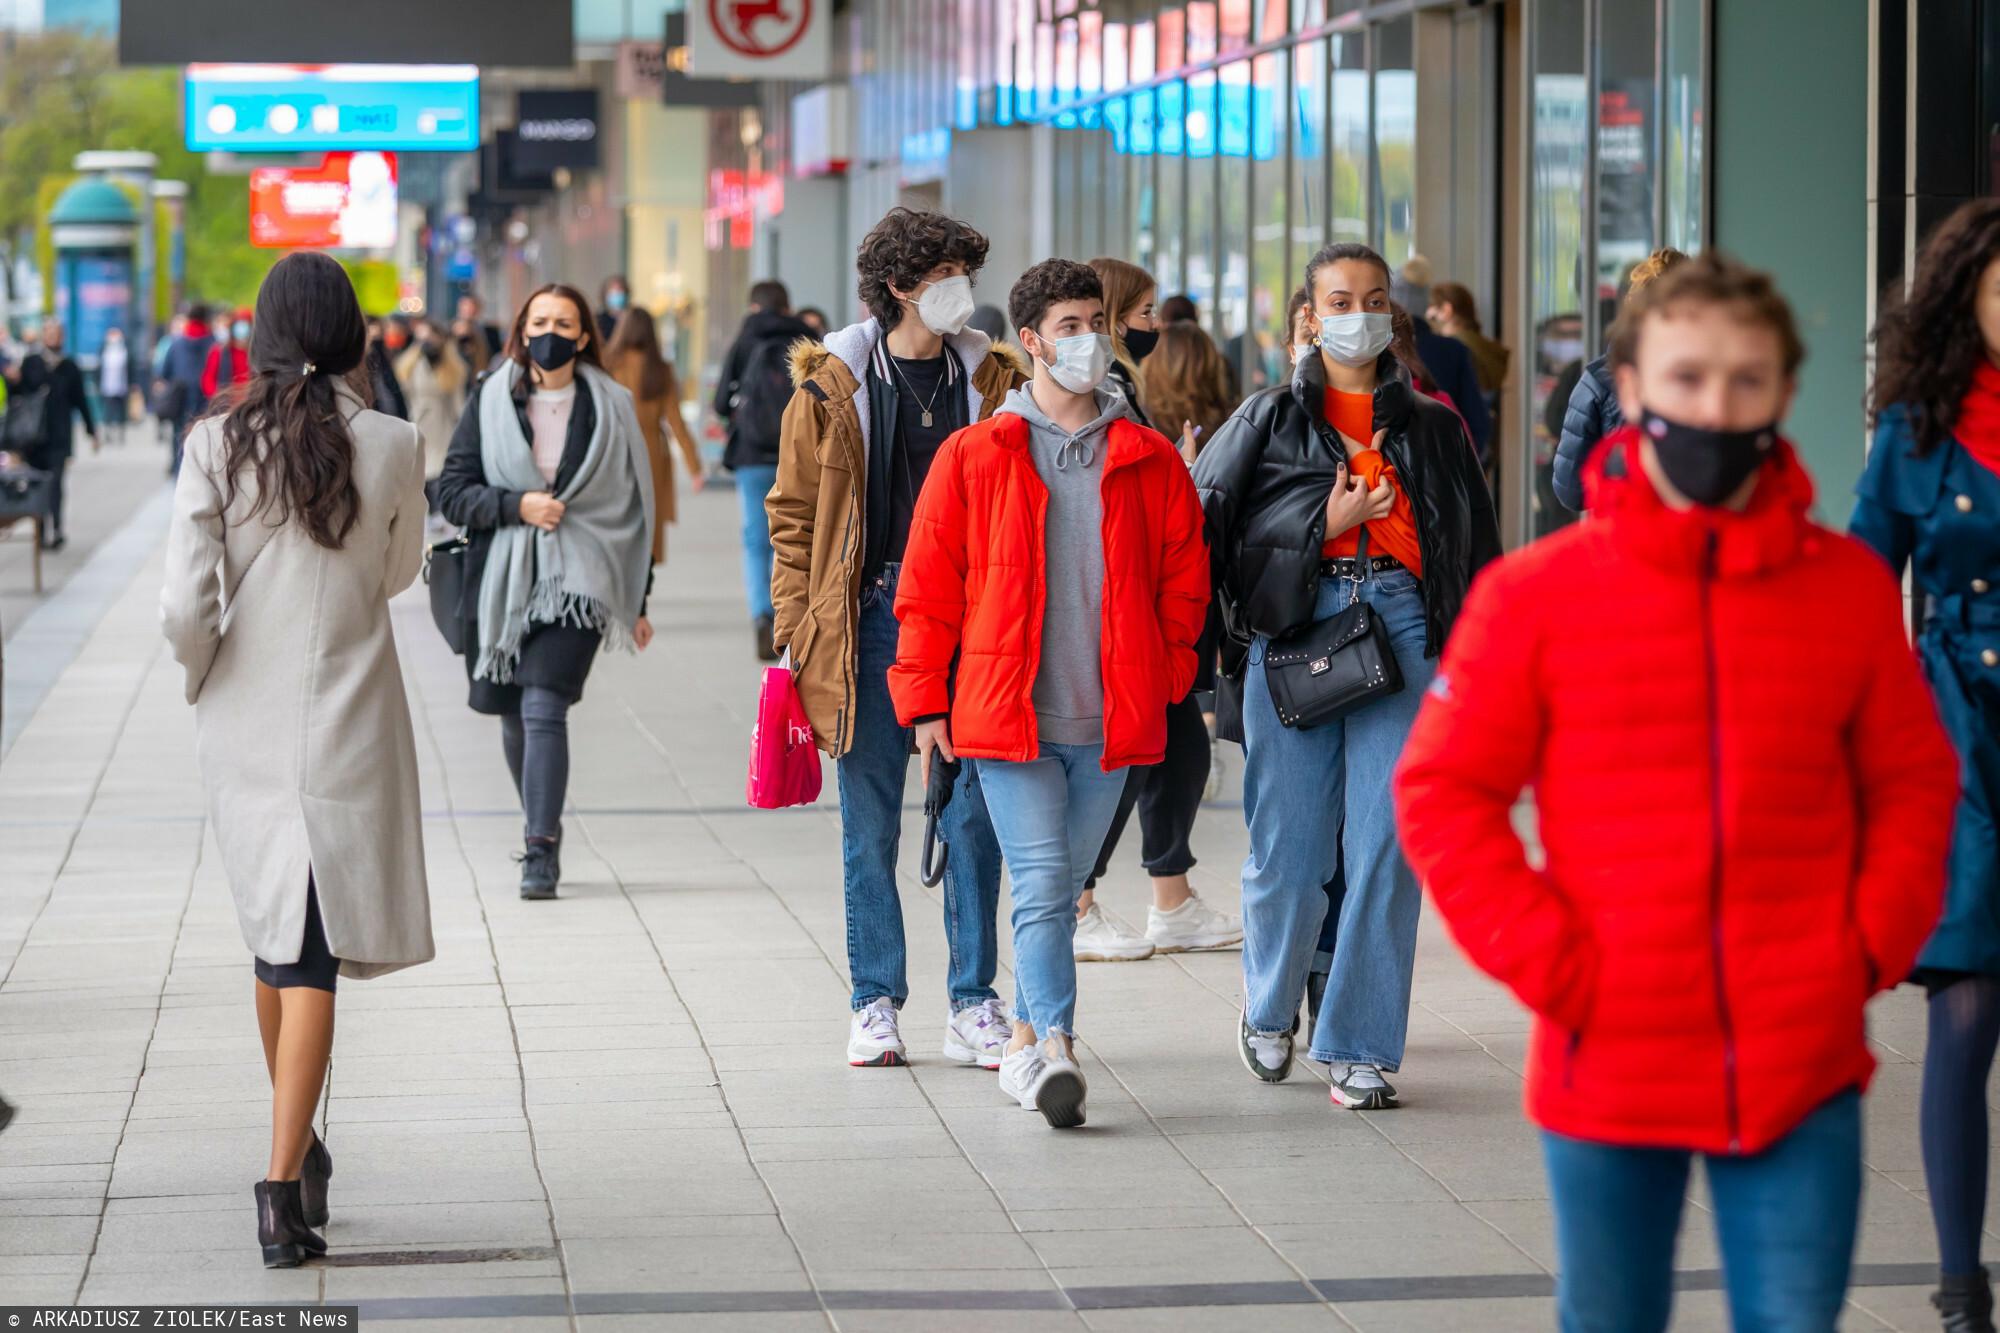 fot: Arkadiusz Ziolek/ East News. Warszawa. n/z Tlum pieszych na chodniku w maskach ochronnych.